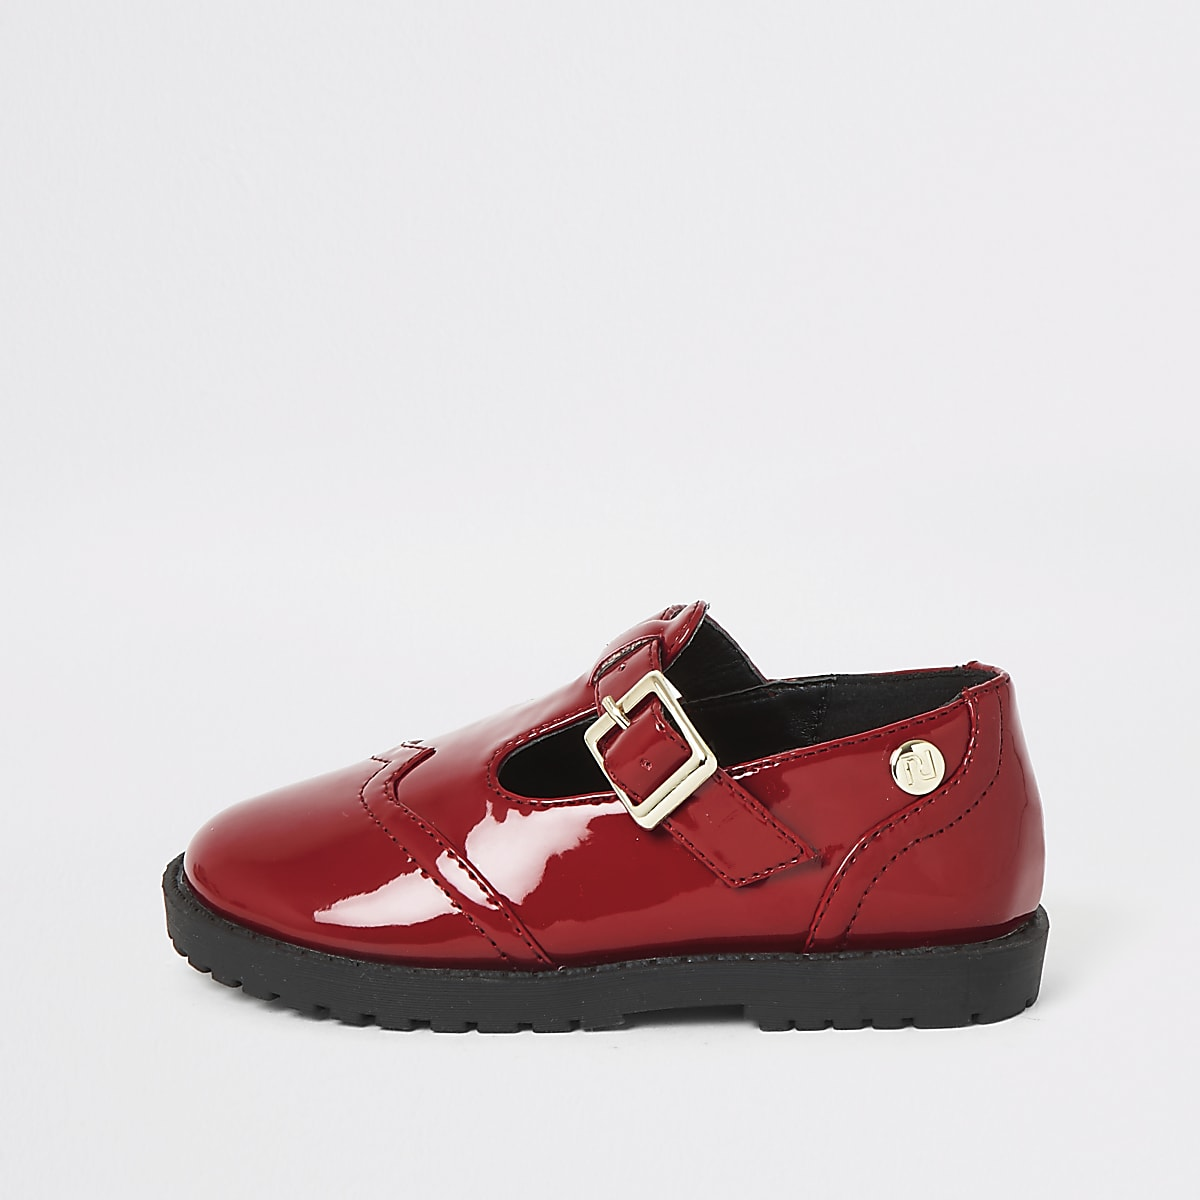 Mini - Rode lakleren schoenen voor meisjes